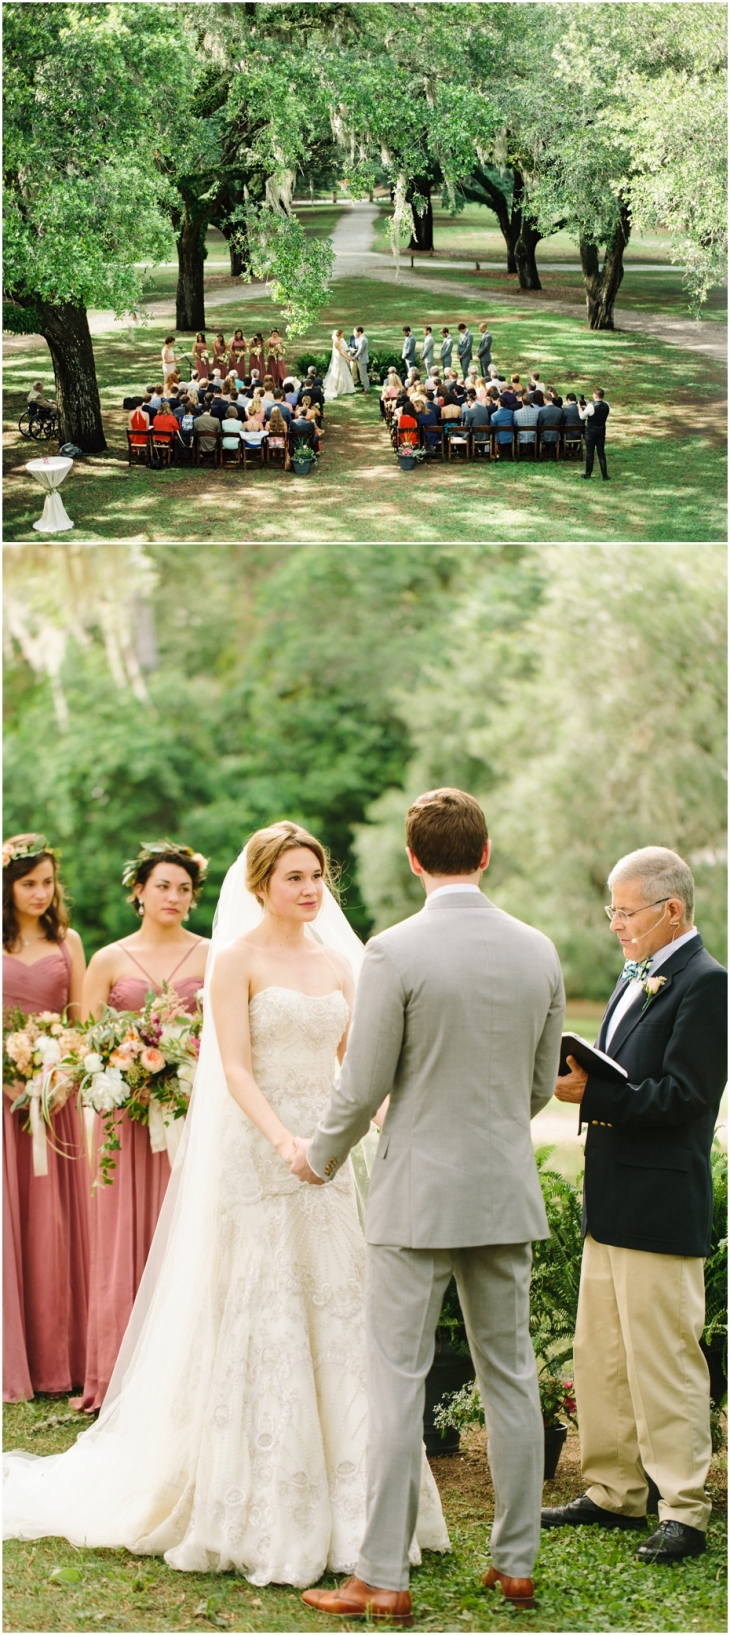 McLeod Plantation wedding photo